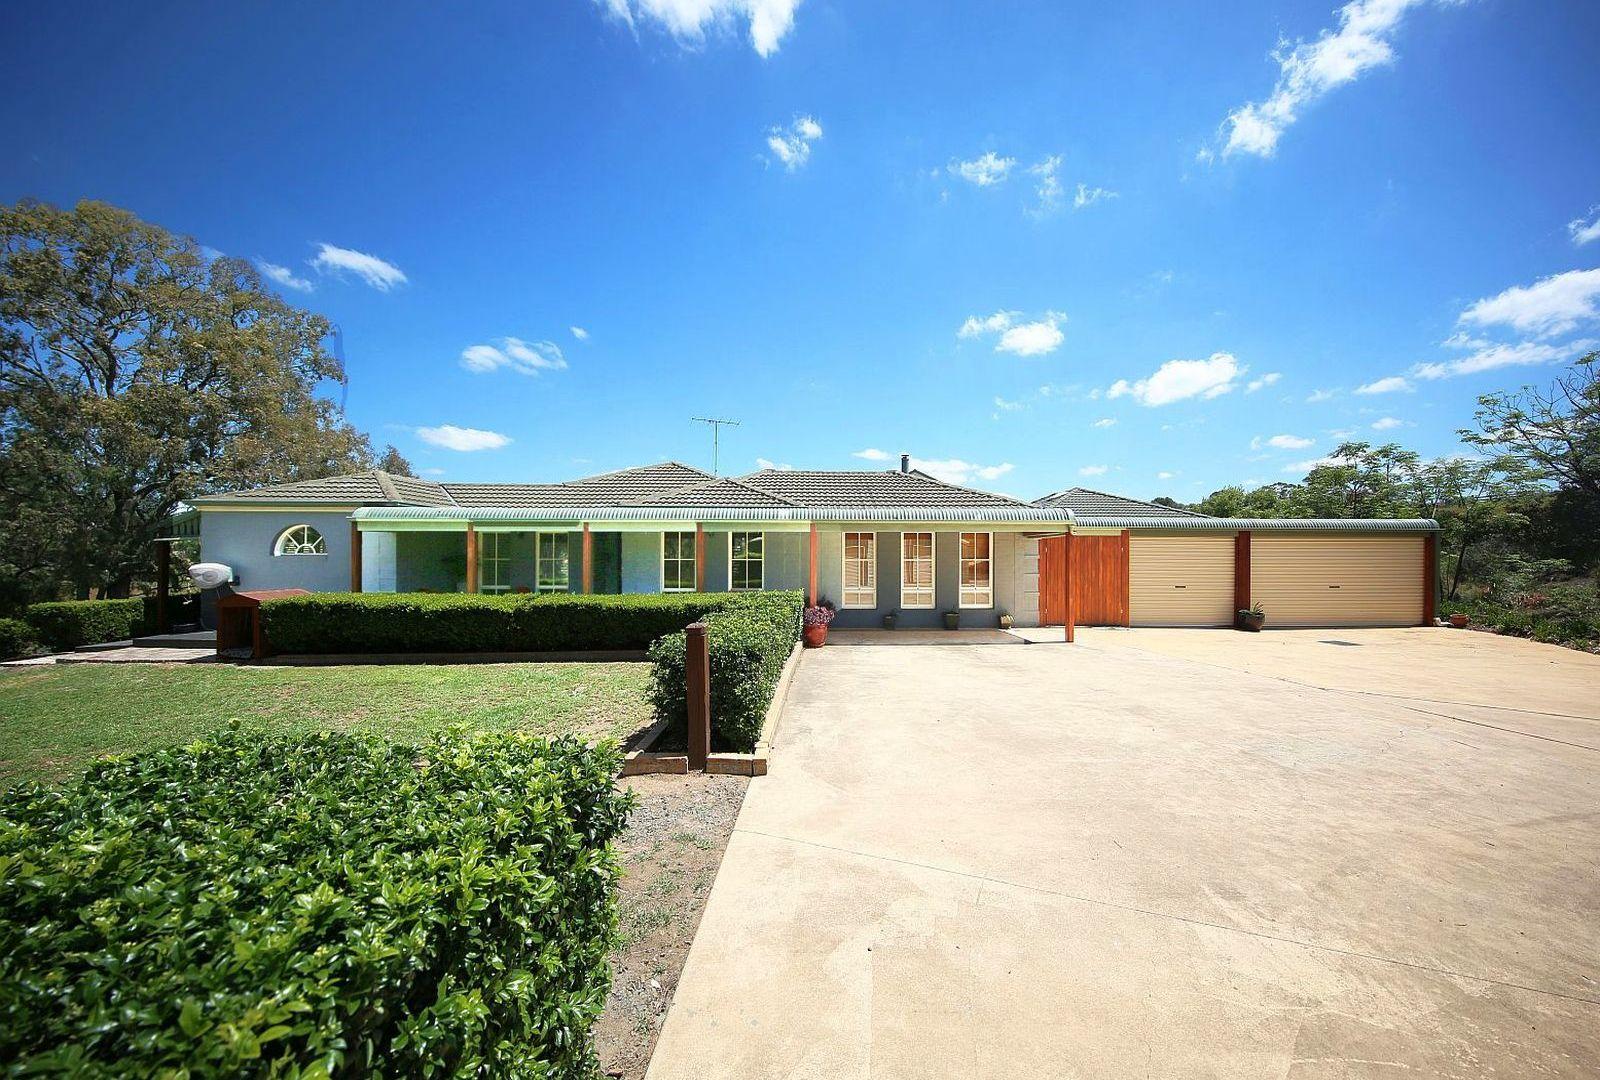 470 Menangle Rd, Menangle NSW 2568, Image 1